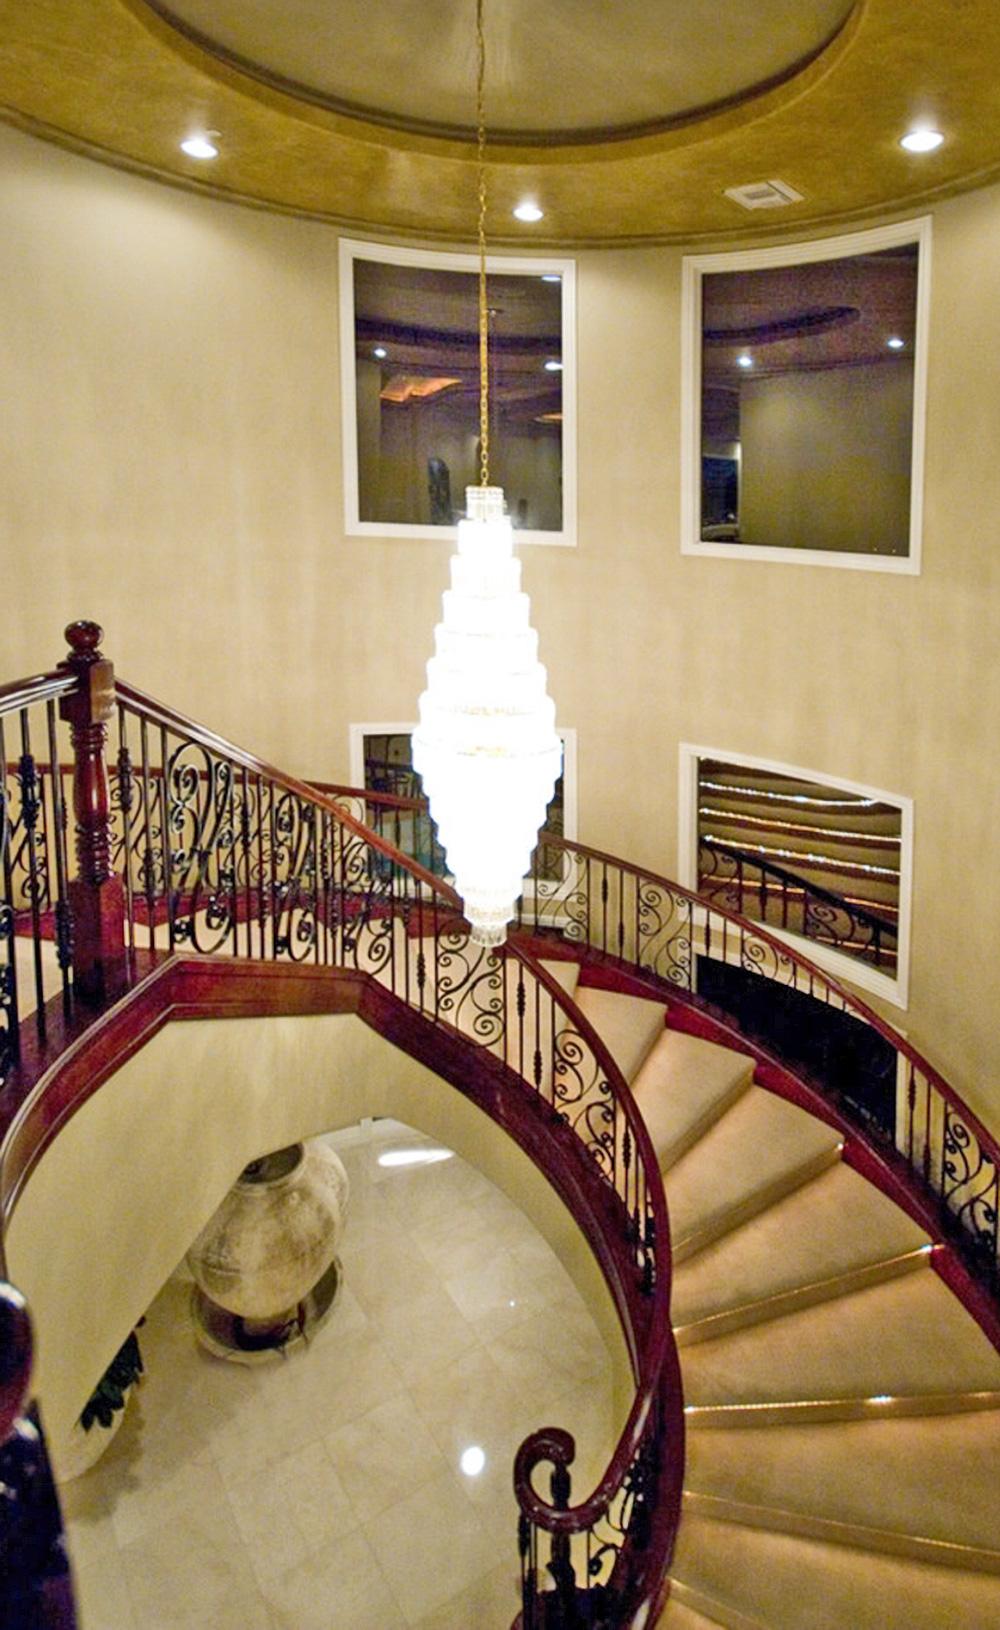 Tuscany Circular Staircase